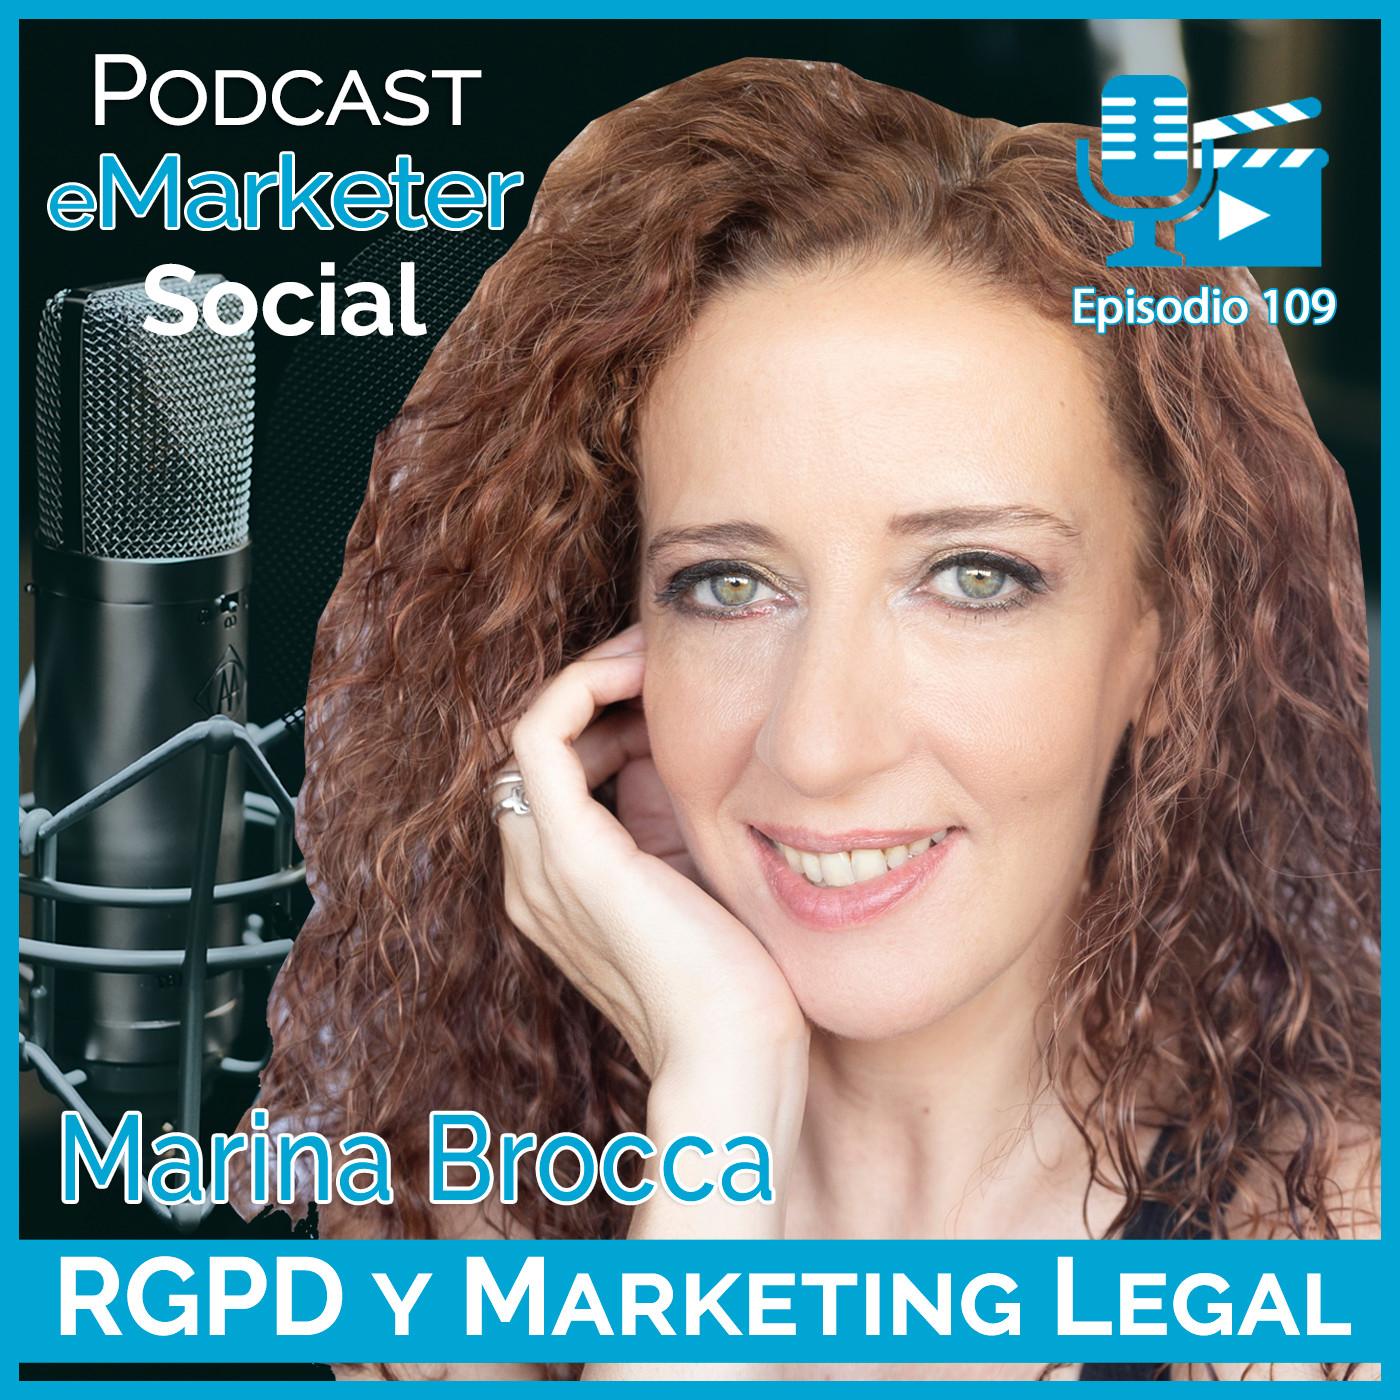 109 Marina Brocca especialista en protección de datos en Podcast eMarketerSocial